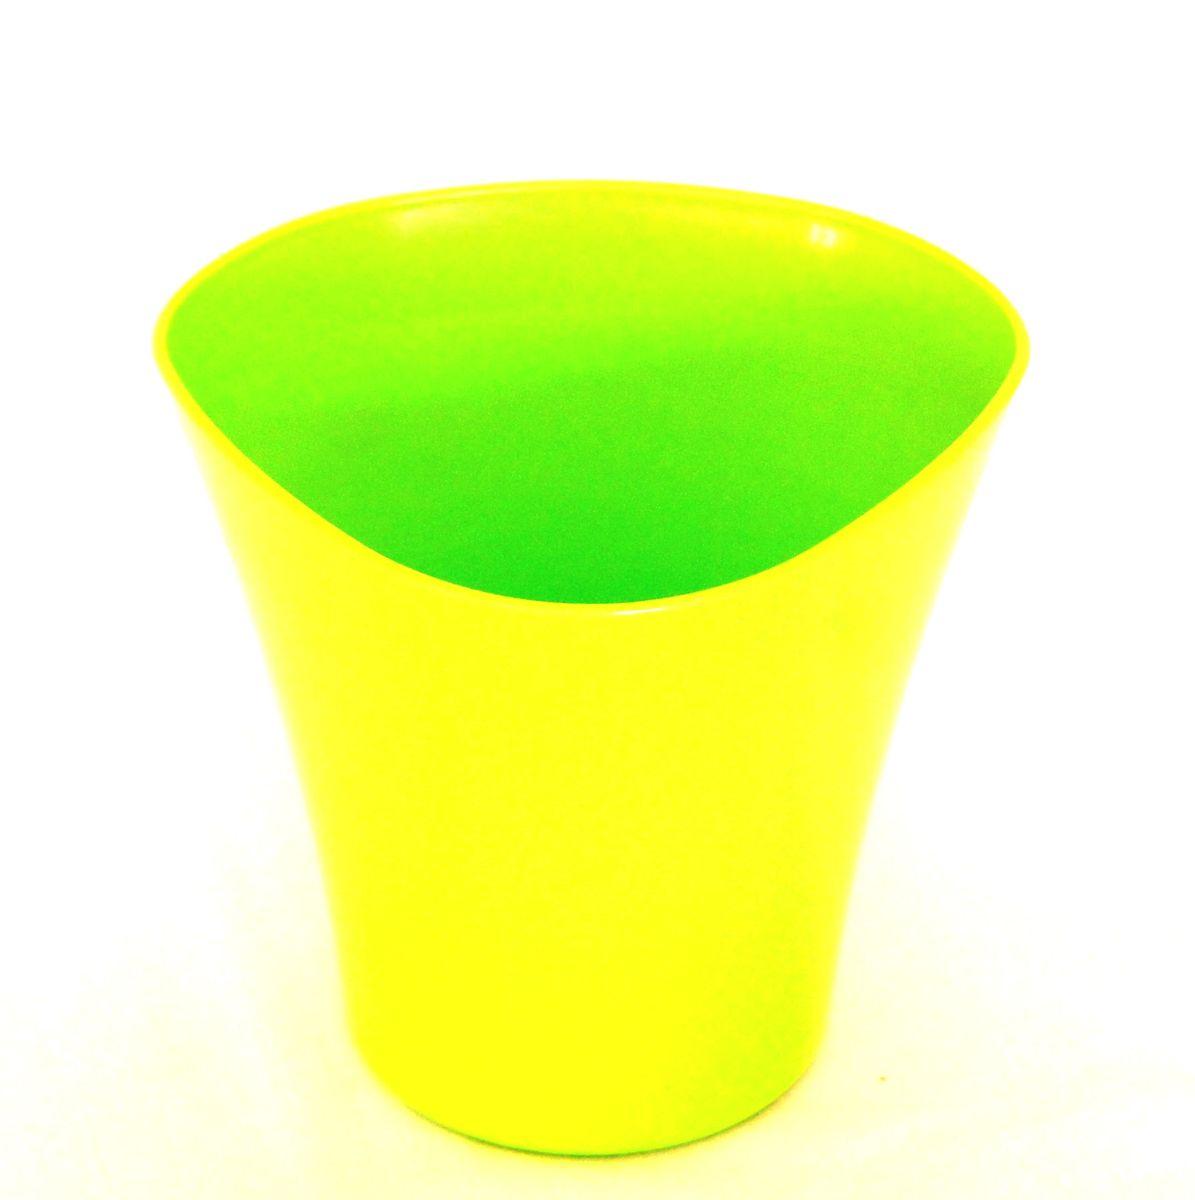 Кашпо JetPlast Волна, цвет: зеленый, 1,5 л4612754051304Кашпо Волна имеет уникальную форму, сочетающуюся как с классическим, так и с современным дизайном интерьера. Разнообразие цветов дает возможность подобрать кашпо именно под ваш стиль.